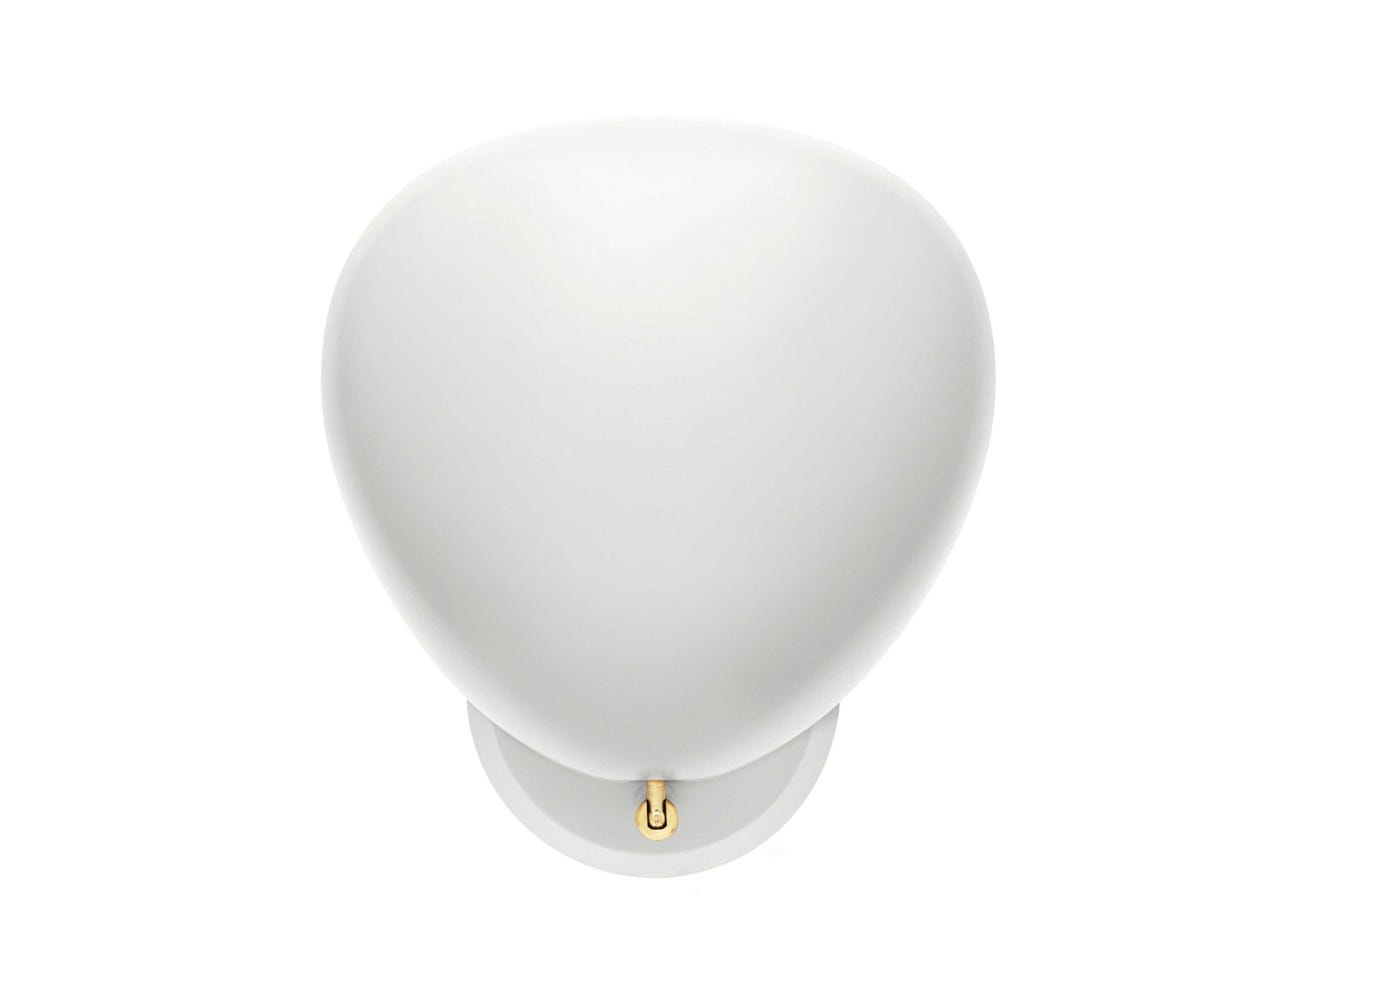 Cobra wall light in white.